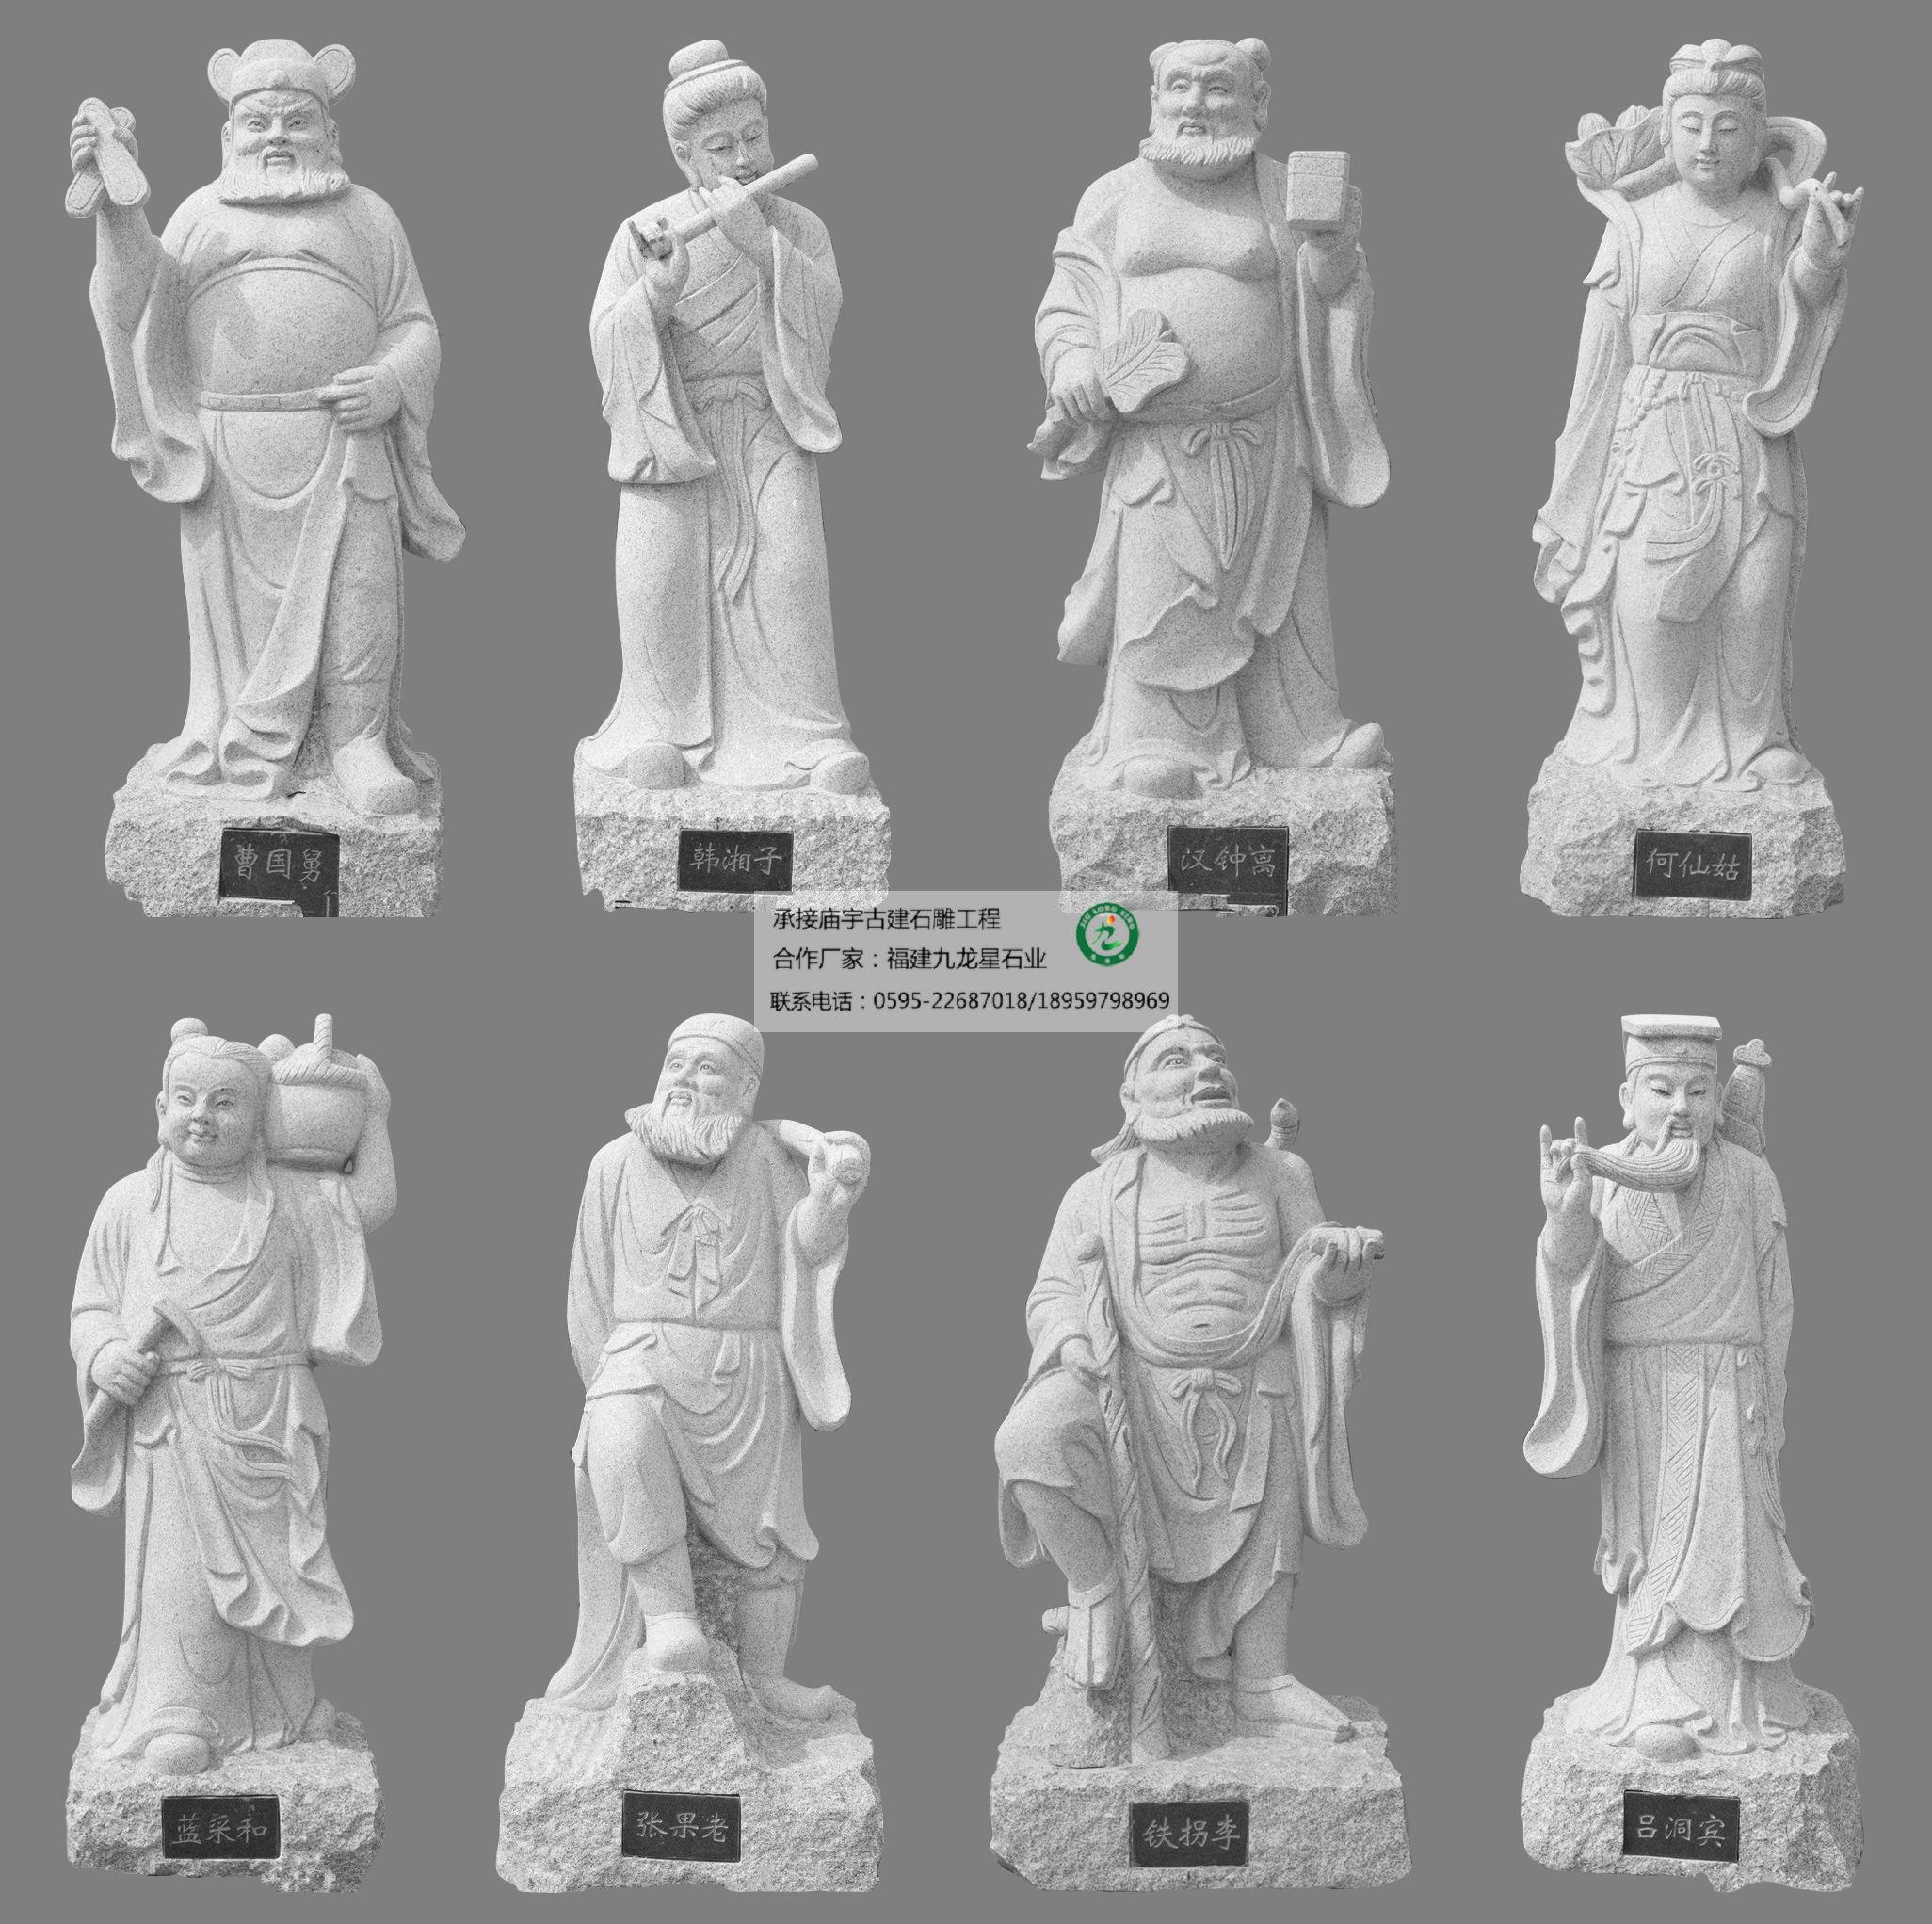 石雕八仙过海 石材人物雕刻 惠安石雕厂家